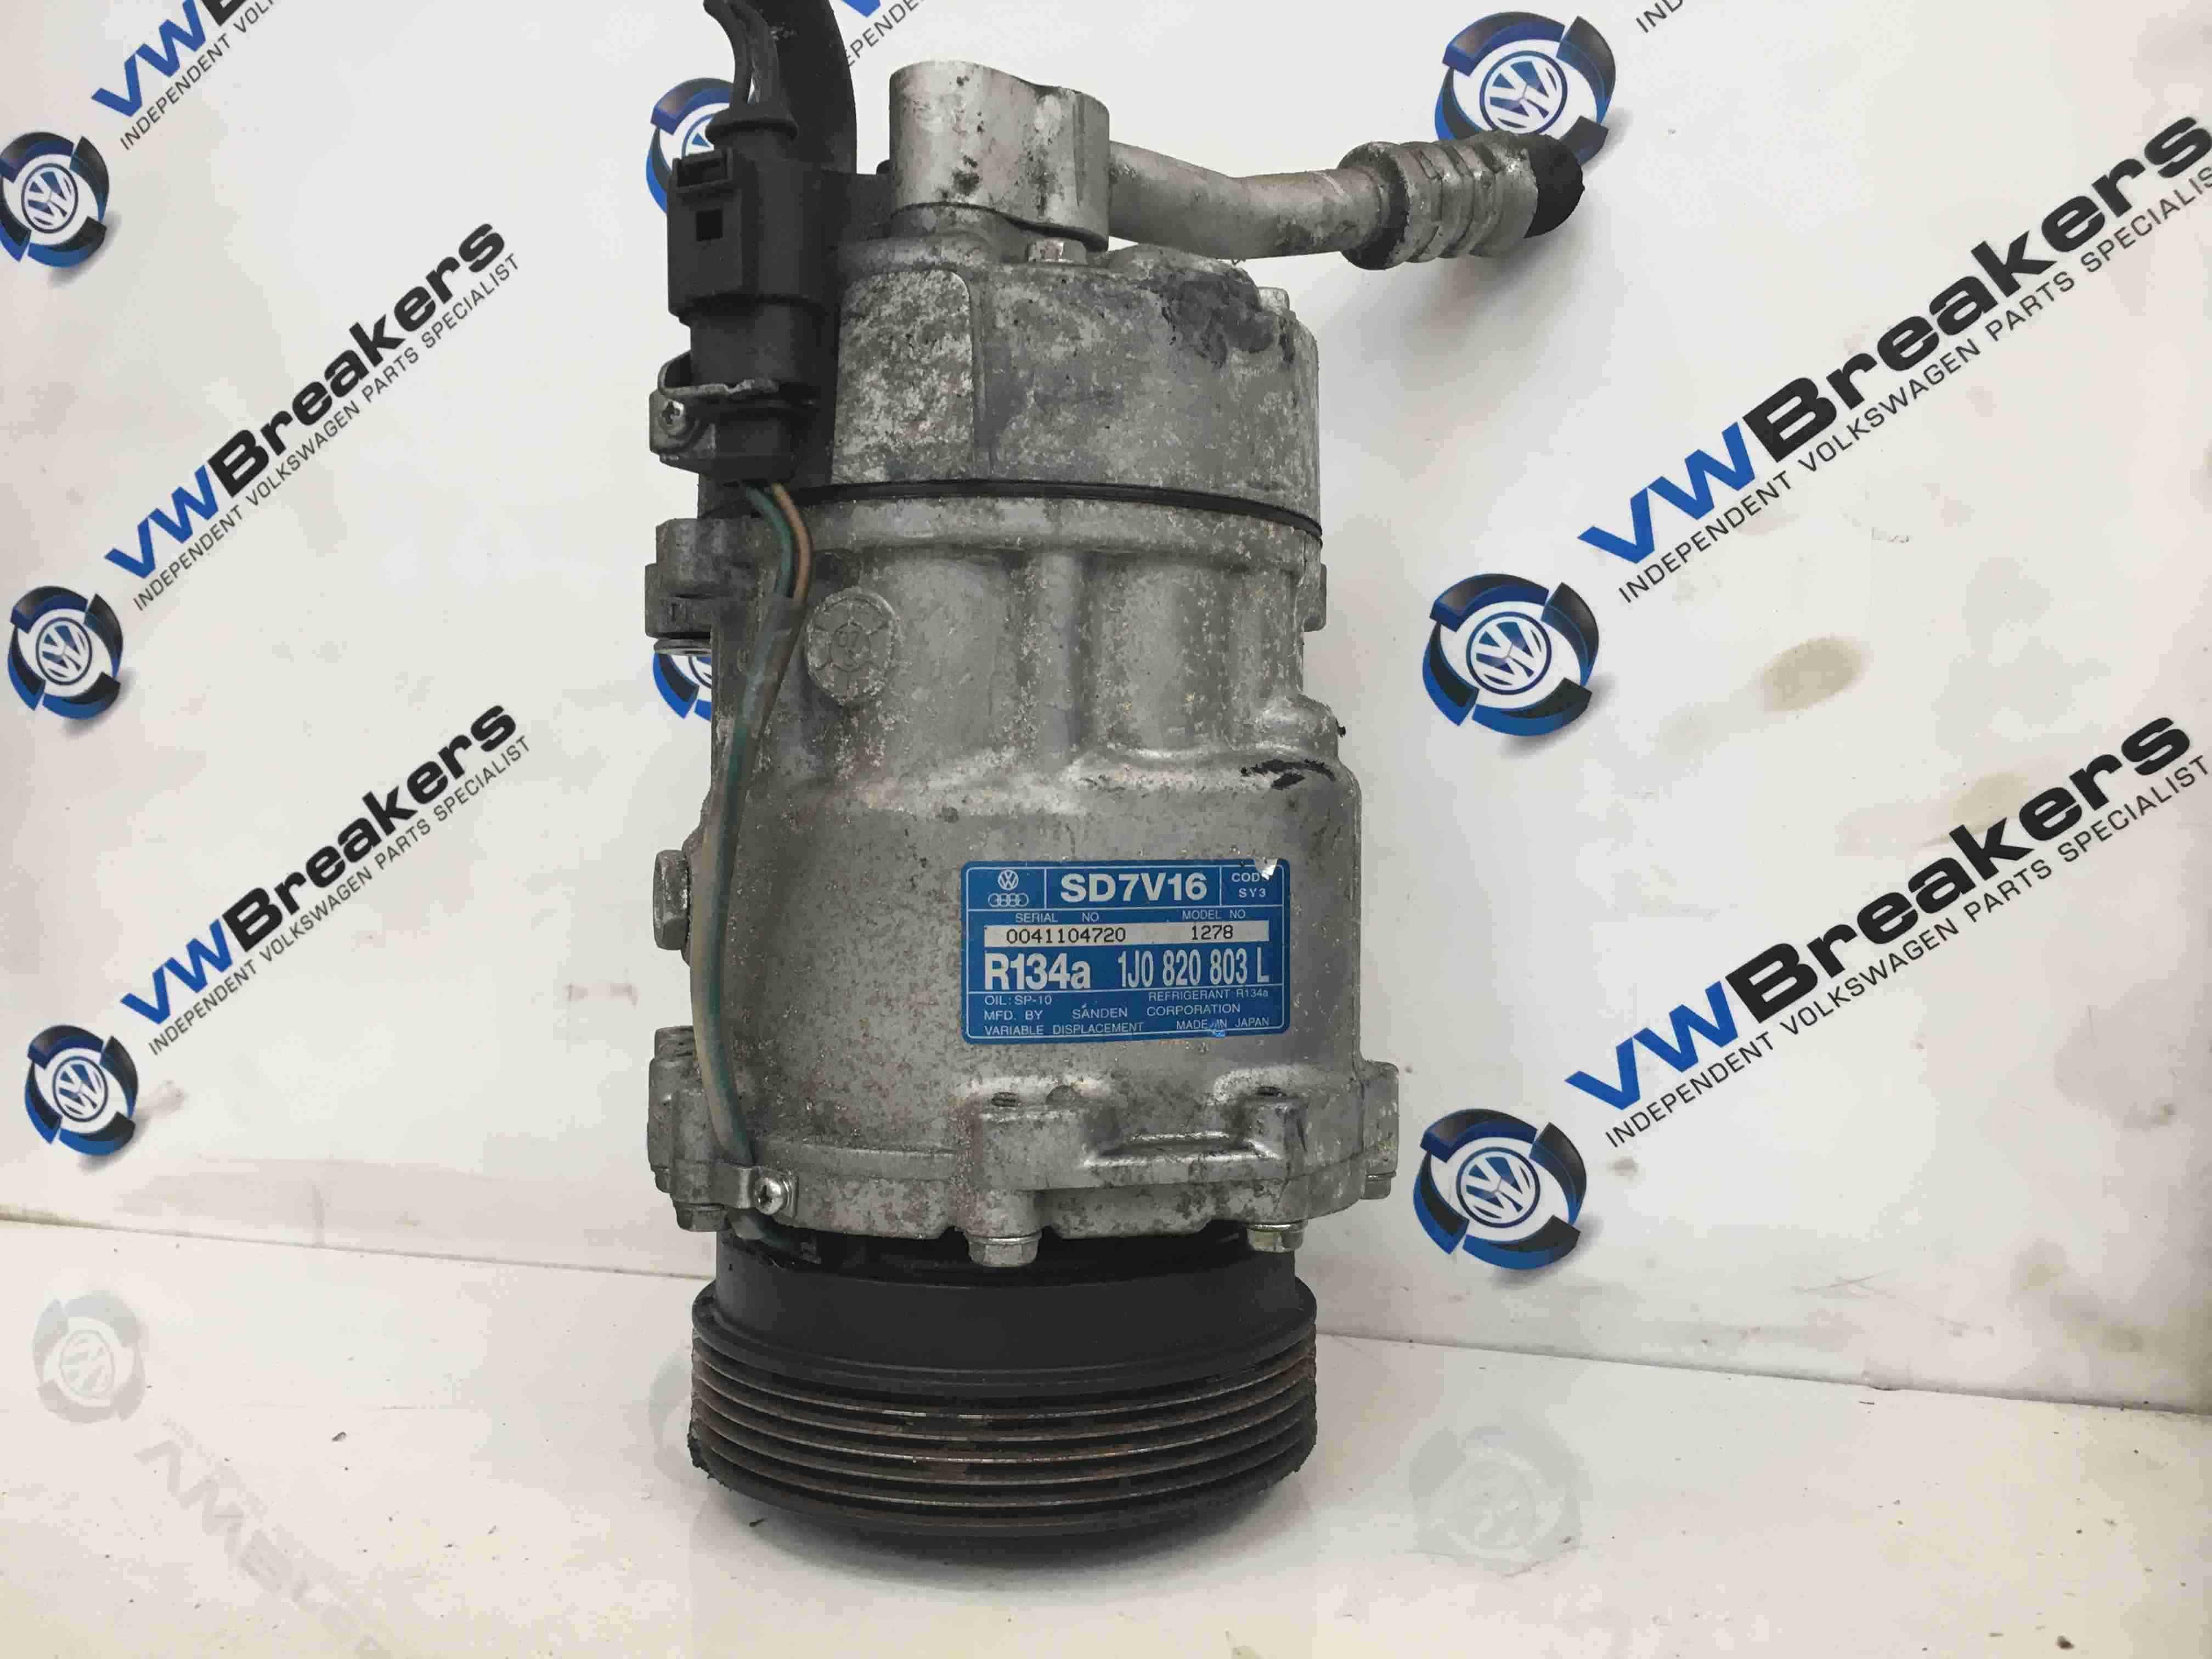 Volkswagen Beetle 2006-2011 Aircon Pump Compressor Unit 1J0820803L